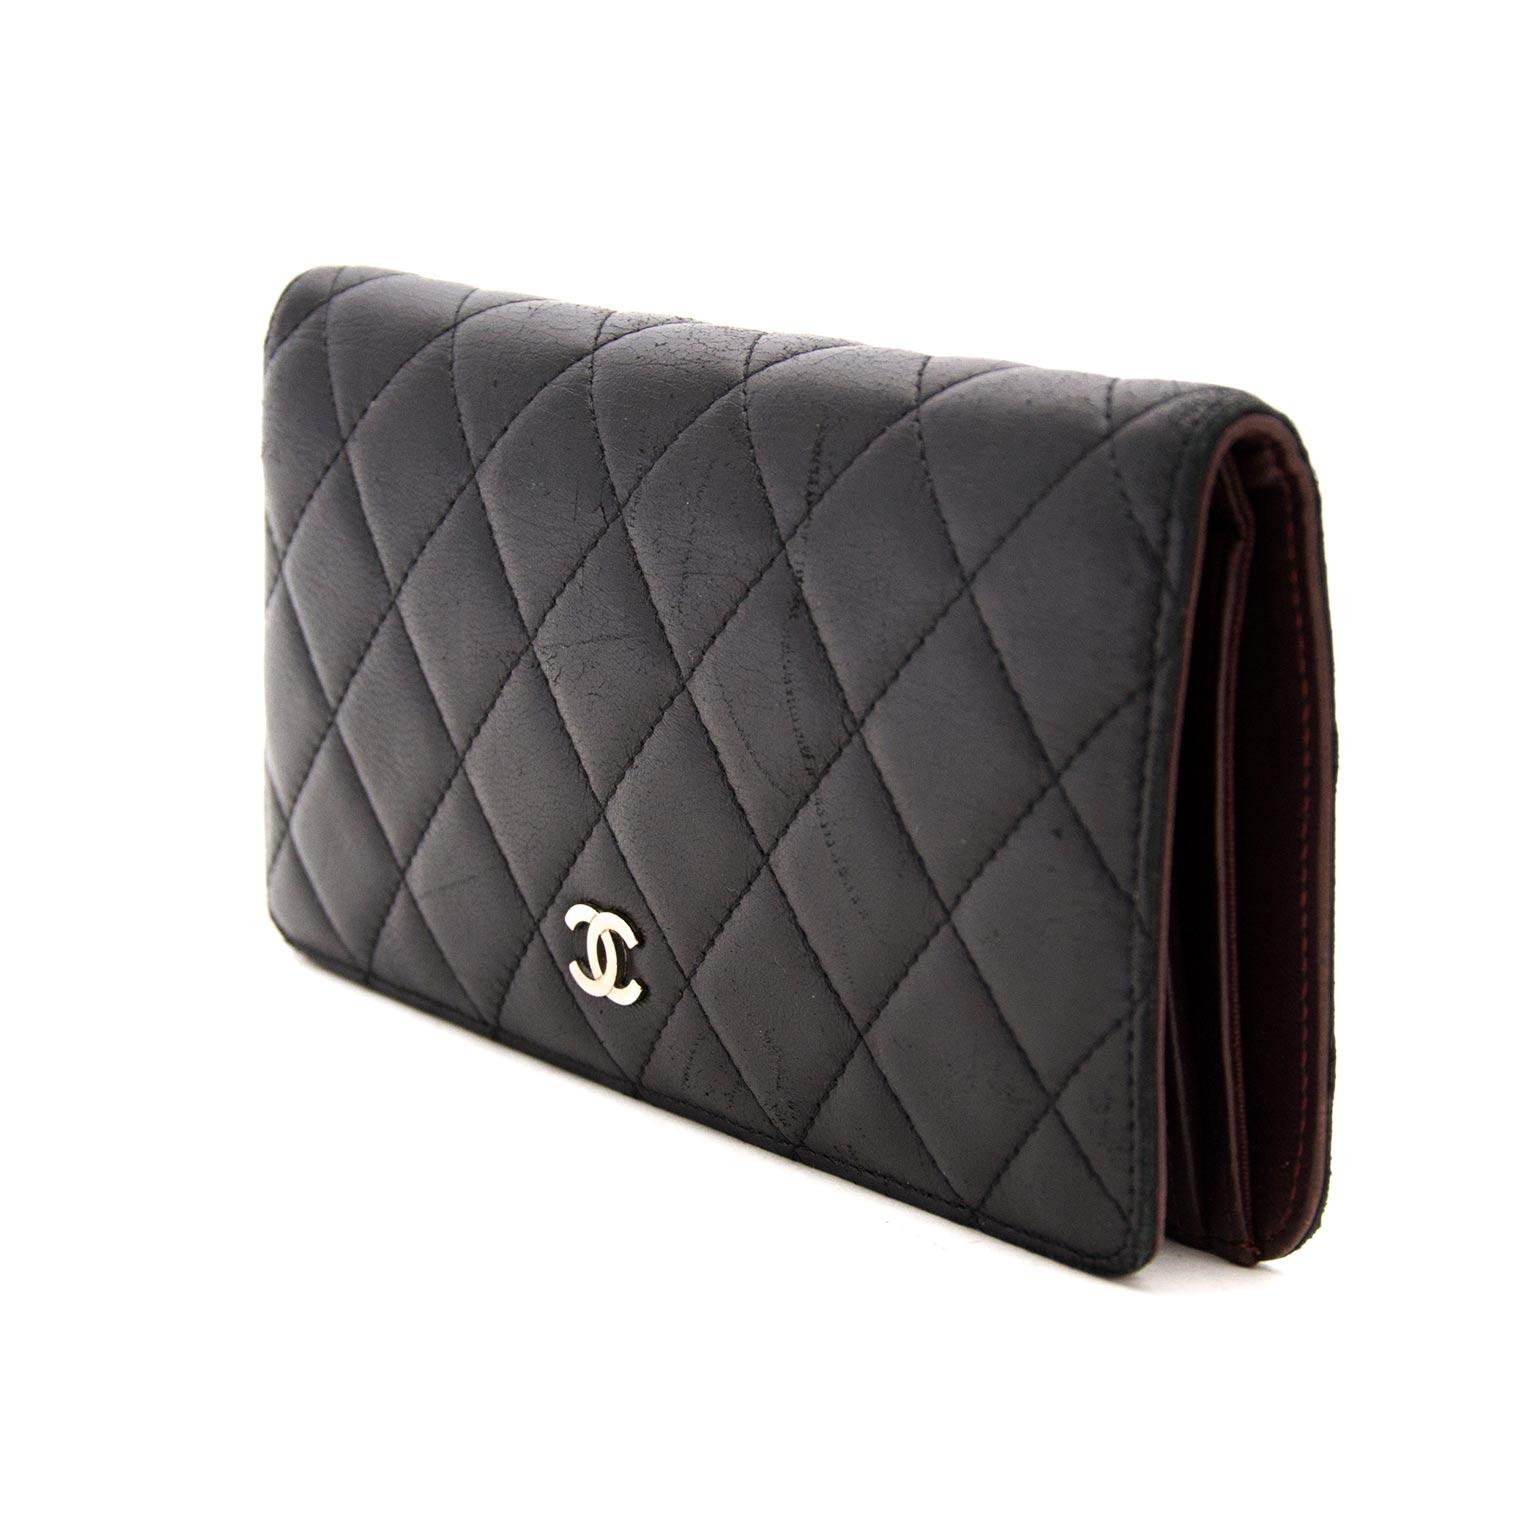 acheter en ligne chez labellov.com pour le meilleur prix chanel classic bifold wallet